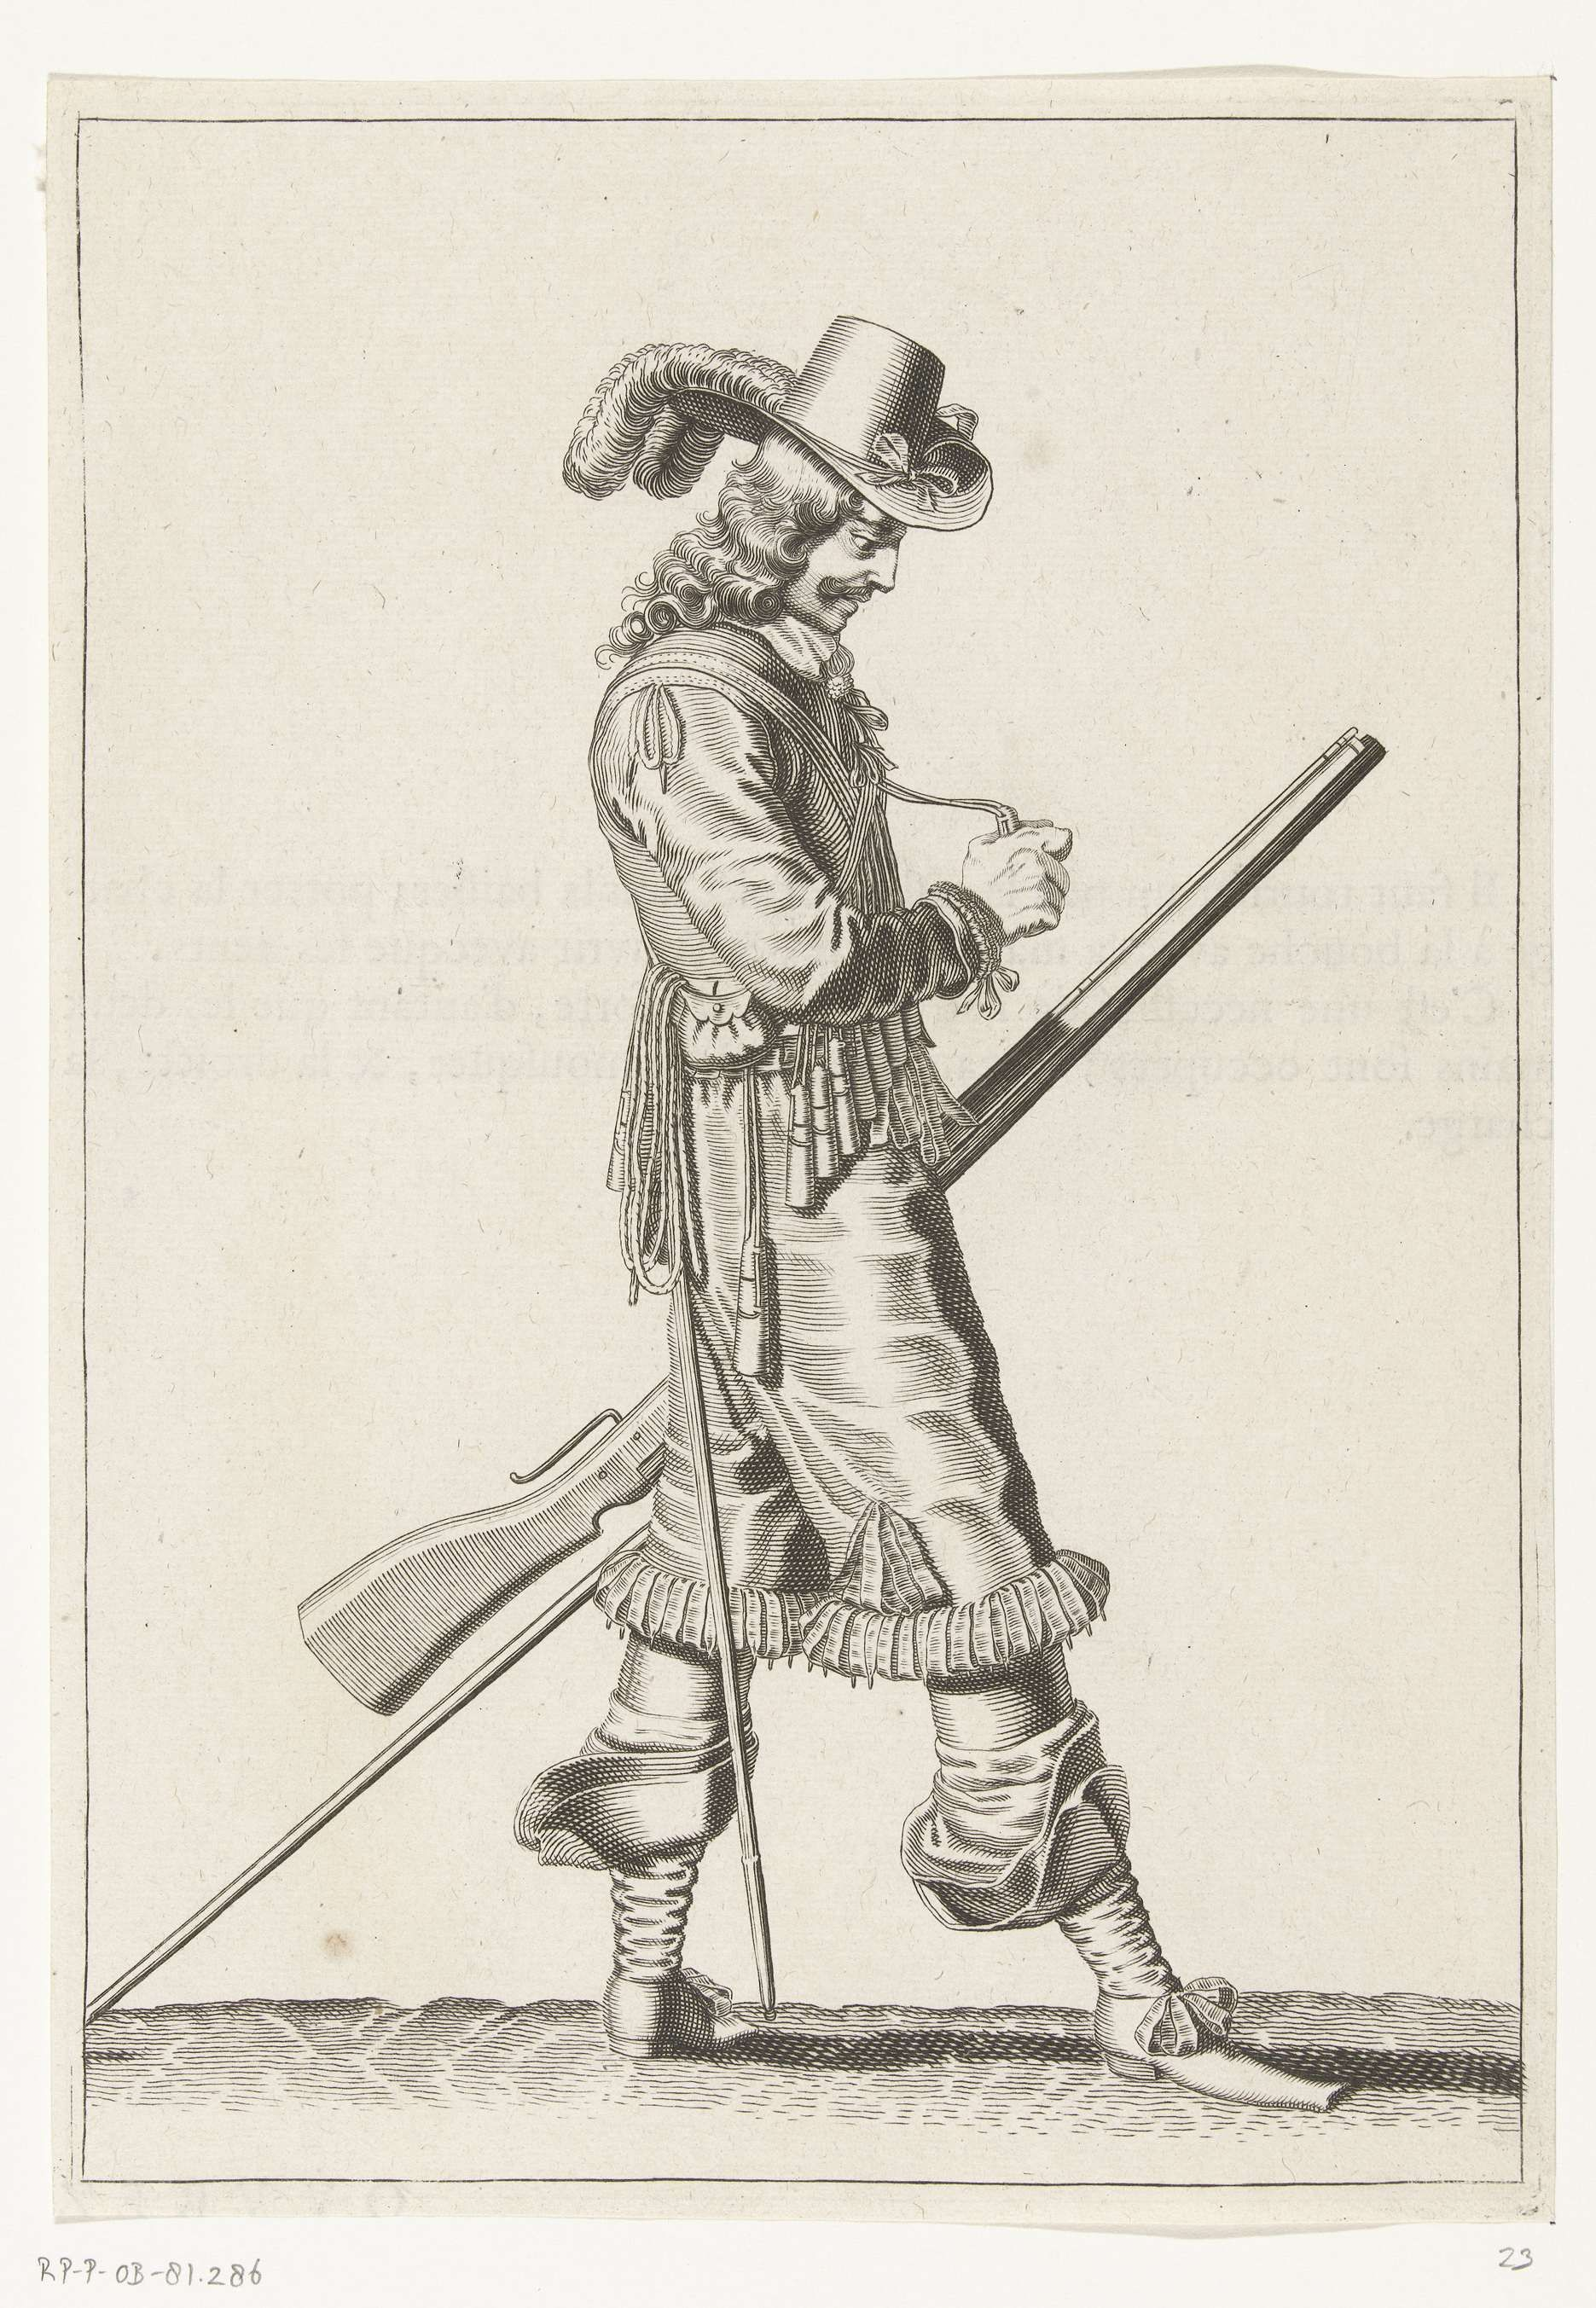 Petrus Rucholle   Soldaat met een musket die een kruitmaat opent, ca. 1645, Petrus Rucholle, 1645 - 1647   Een soldaat, ten voeten uit, naar rechts, die met zijn linkerhand bij zijn linkerdijbeen een musket (een bepaald type vuurwapen) vasthoudt, de loop schuin omhoog wijzend. In zijn linkerhand behalve het musket ook een furket (musketvork). Met zijn rechterhand opent hij een van de kruitmaatjes aan zijn bandelier. Bedrukt op achterzijde met tekst in het Frans. Vrije kopie naar plaat 23 in…